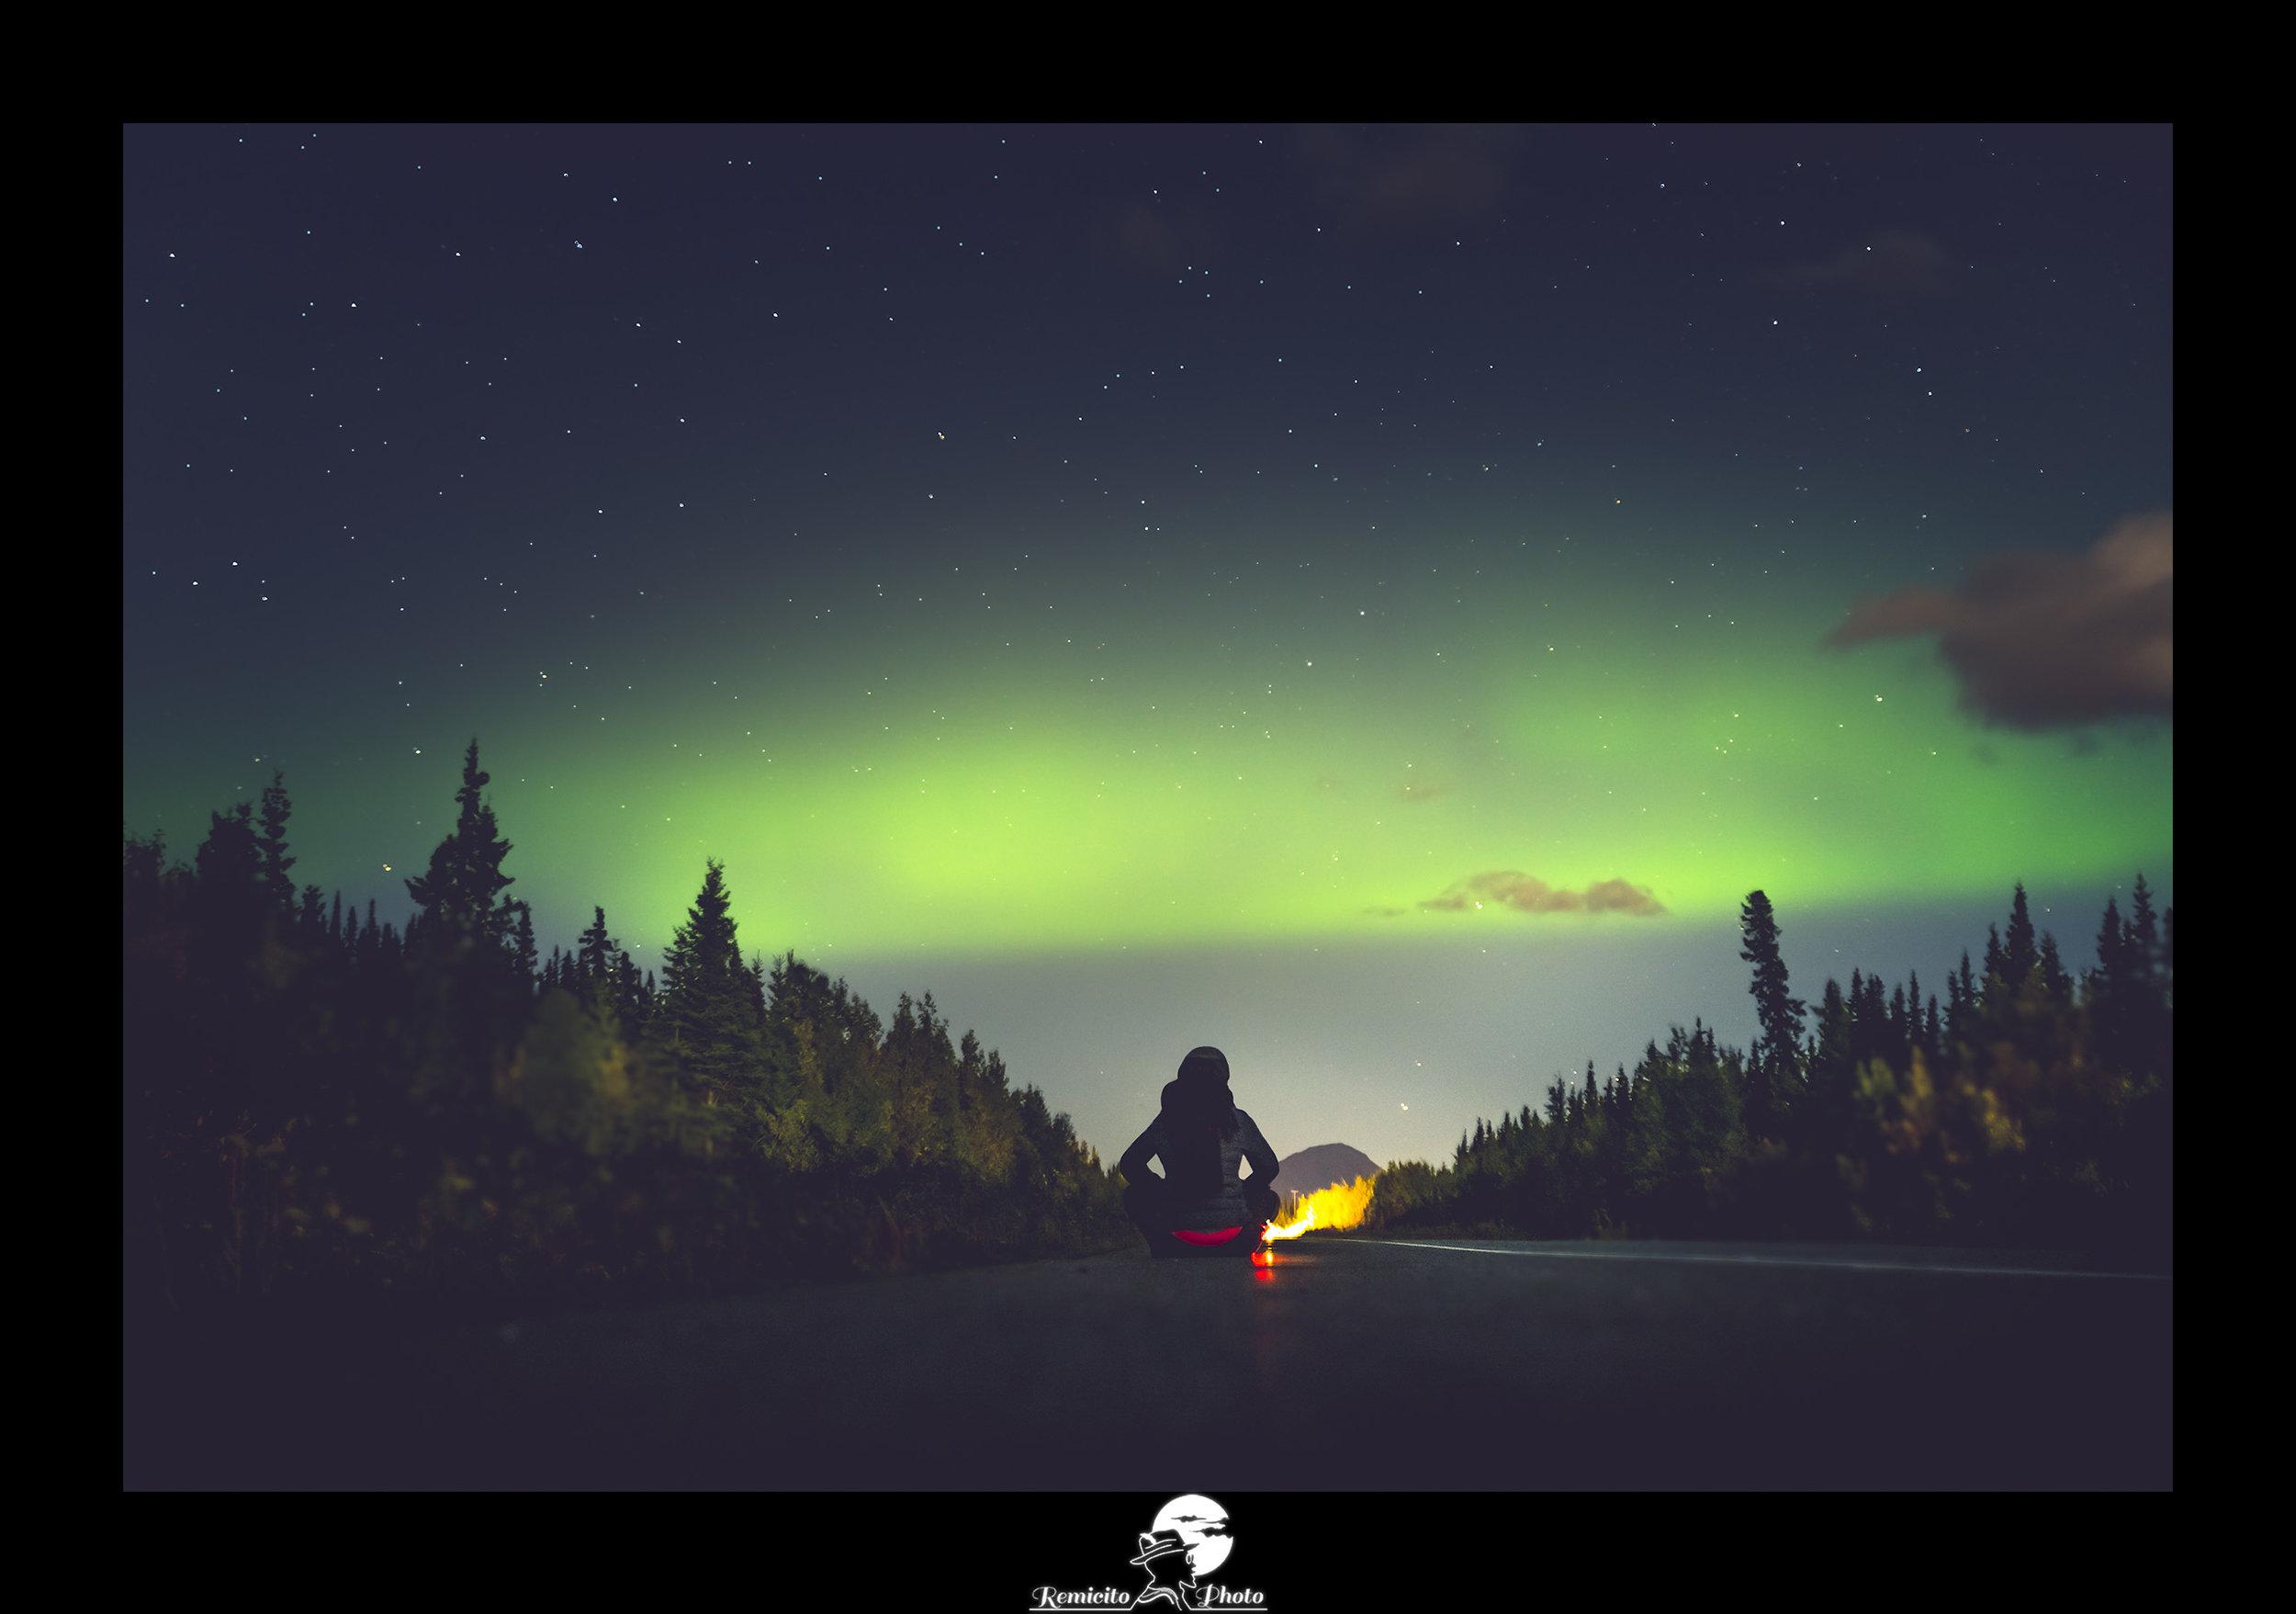 remicito photo, image du jour, photo du jour, photo of the day, aurores boréales alaska, alaska northern lights, denali national park alaska, idée cadeau, belle photo aurores boréales